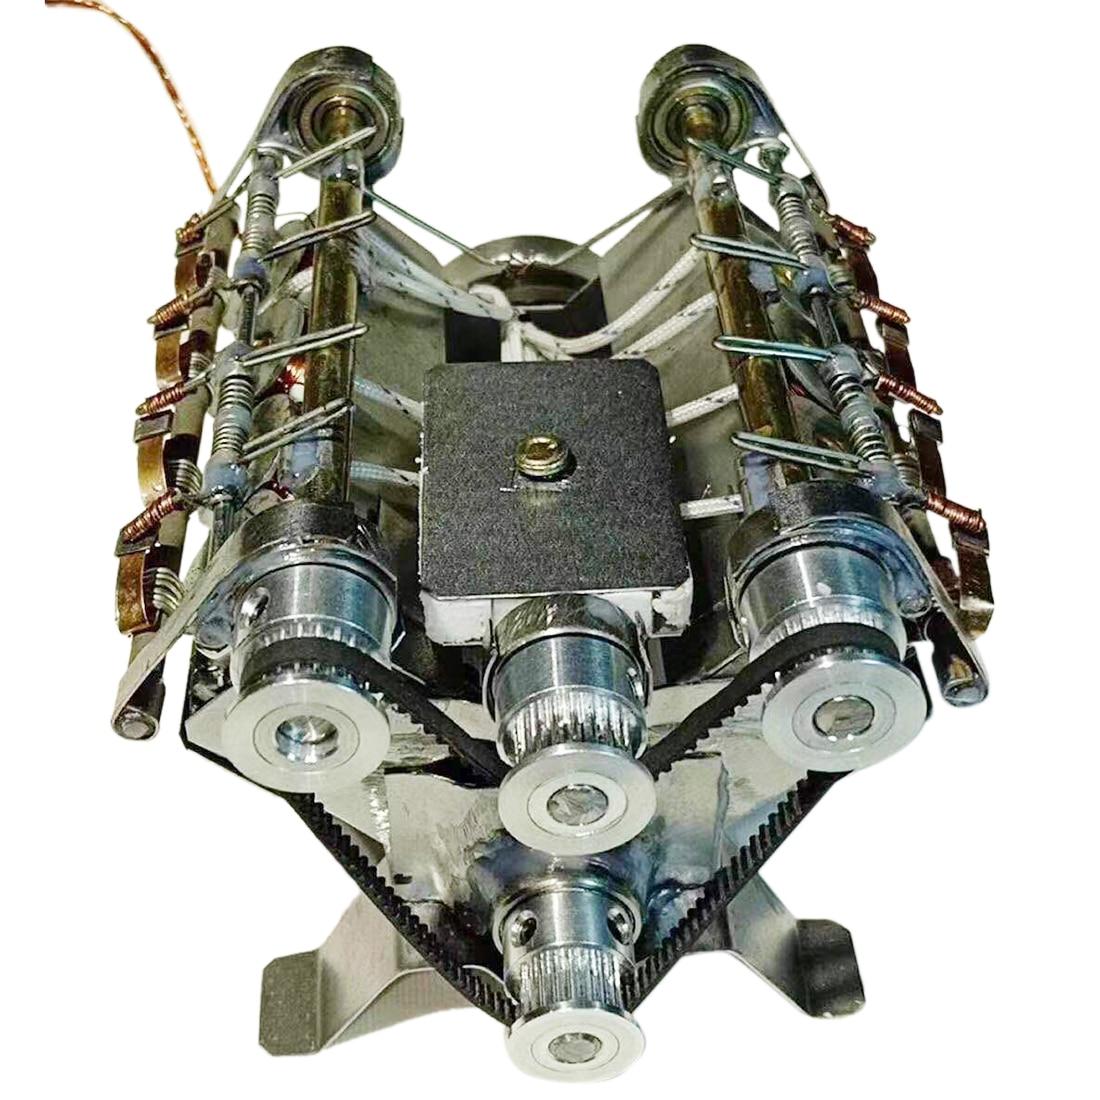 8 Cylinder shape V8 High Speed Engine Model Electromagnetic 8-cylinder Car Engine Working Principle Stem Toy8 Cylinder shape V8 High Speed Engine Model Electromagnetic 8-cylinder Car Engine Working Principle Stem Toy